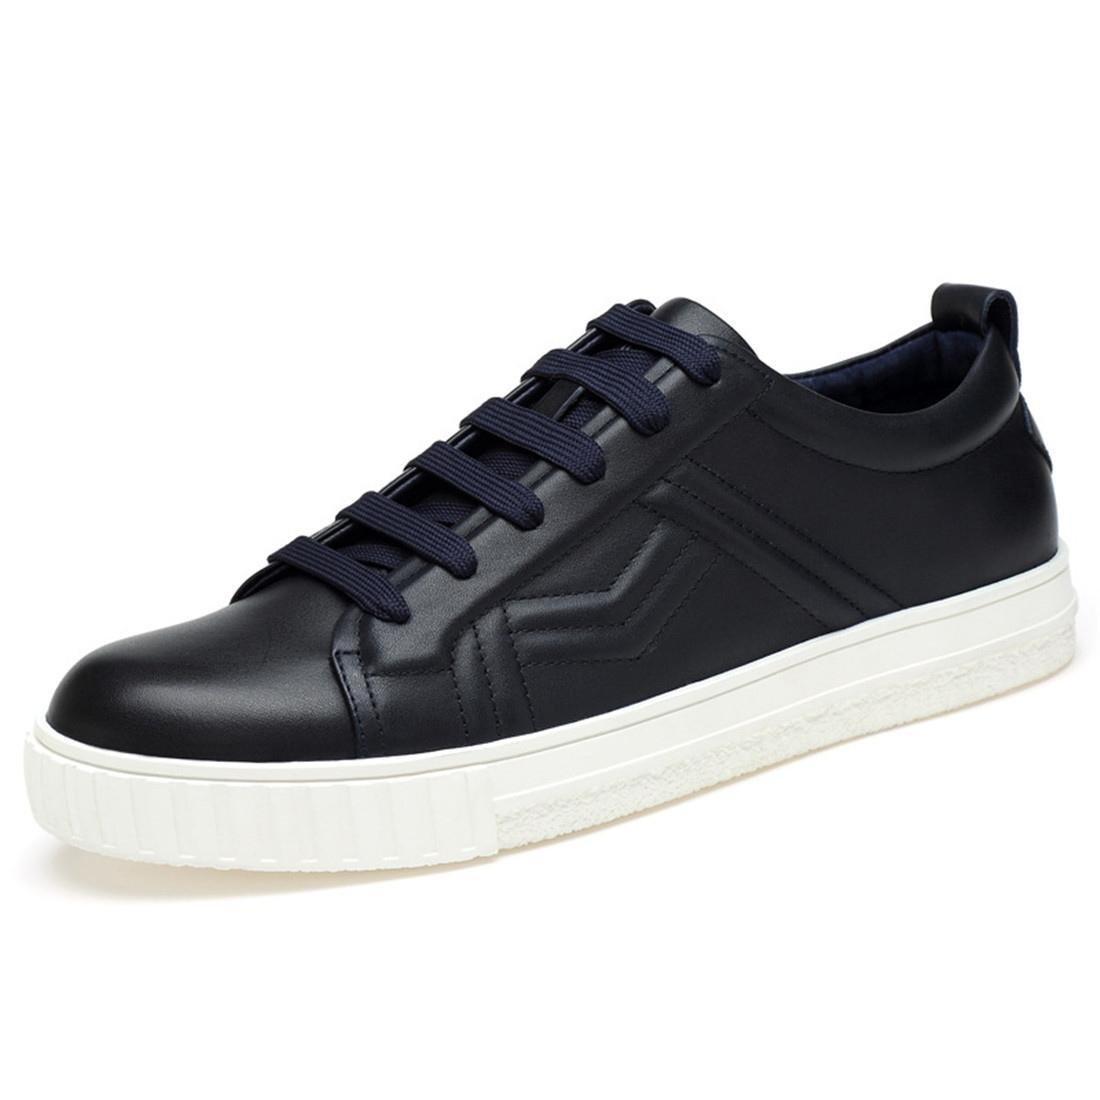 Herren Mode Flache Schuhe Sportschuhe Laufschuhe Ausbilder Lässige Schuhe Große Größe EUR GRÖSSE 38-46